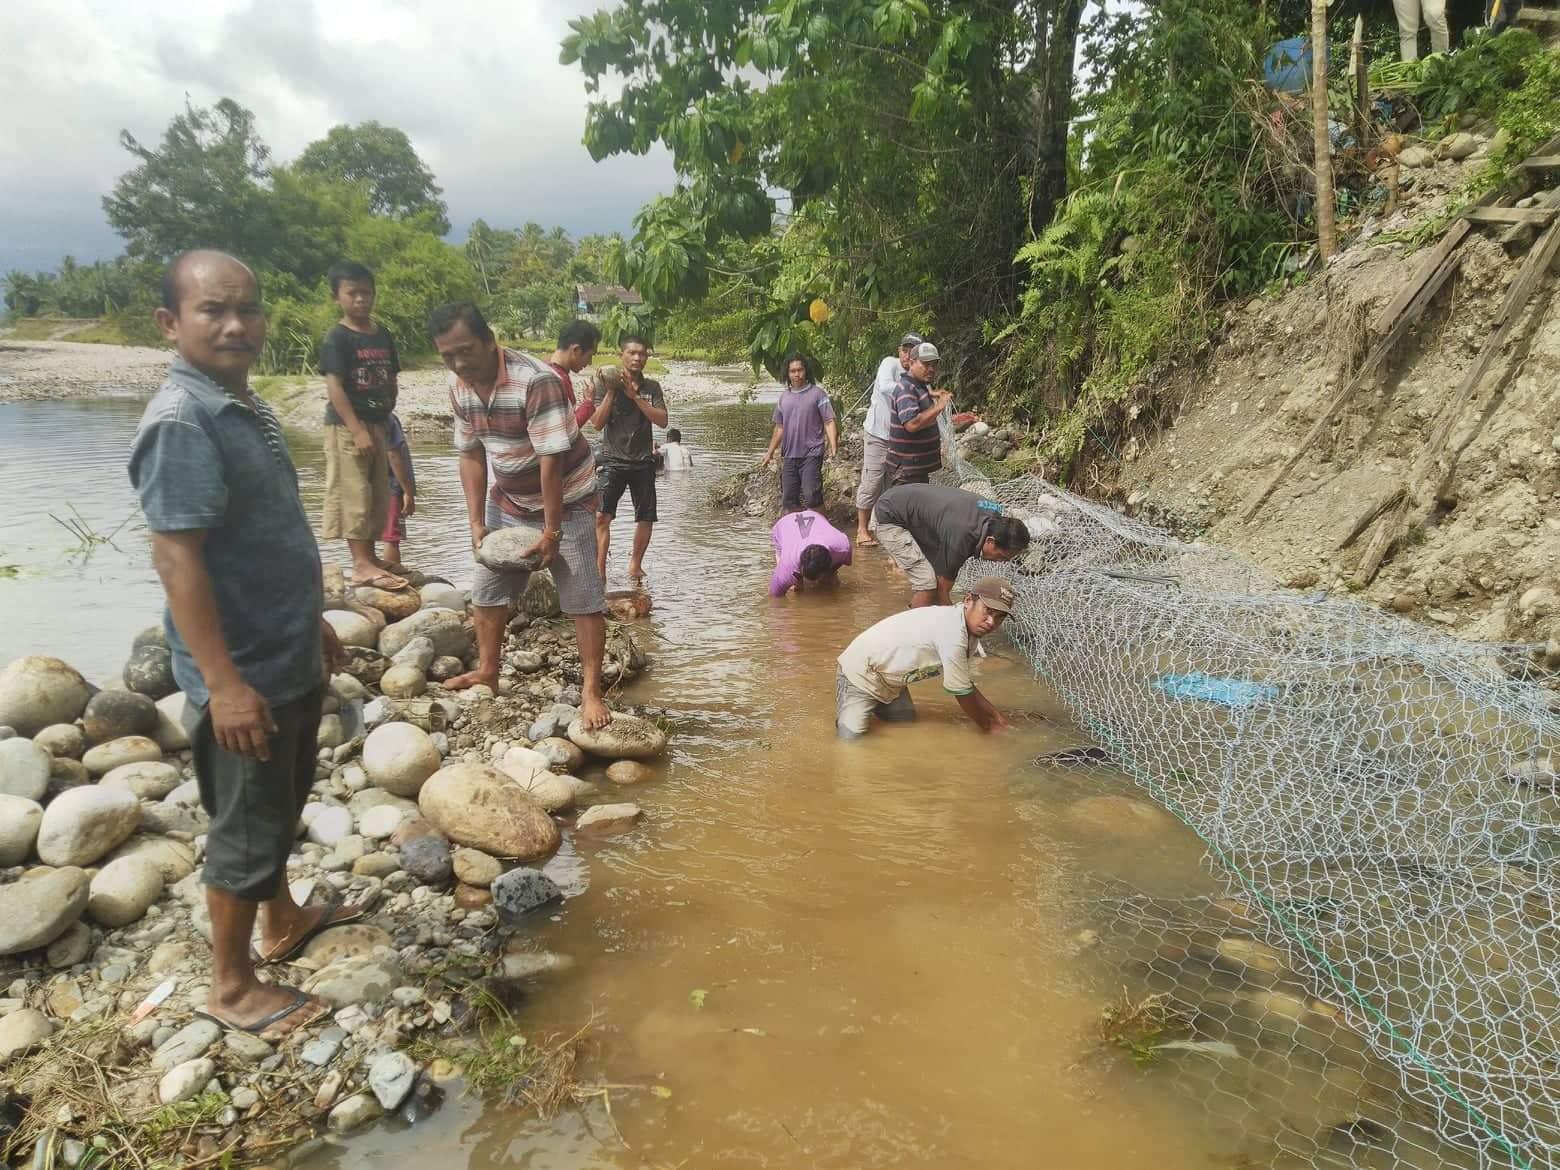 Khawatir Pemukiman dan Jalan Amblas, Desa Aek Dakka Normalisasi Sungai Aek Sirahar